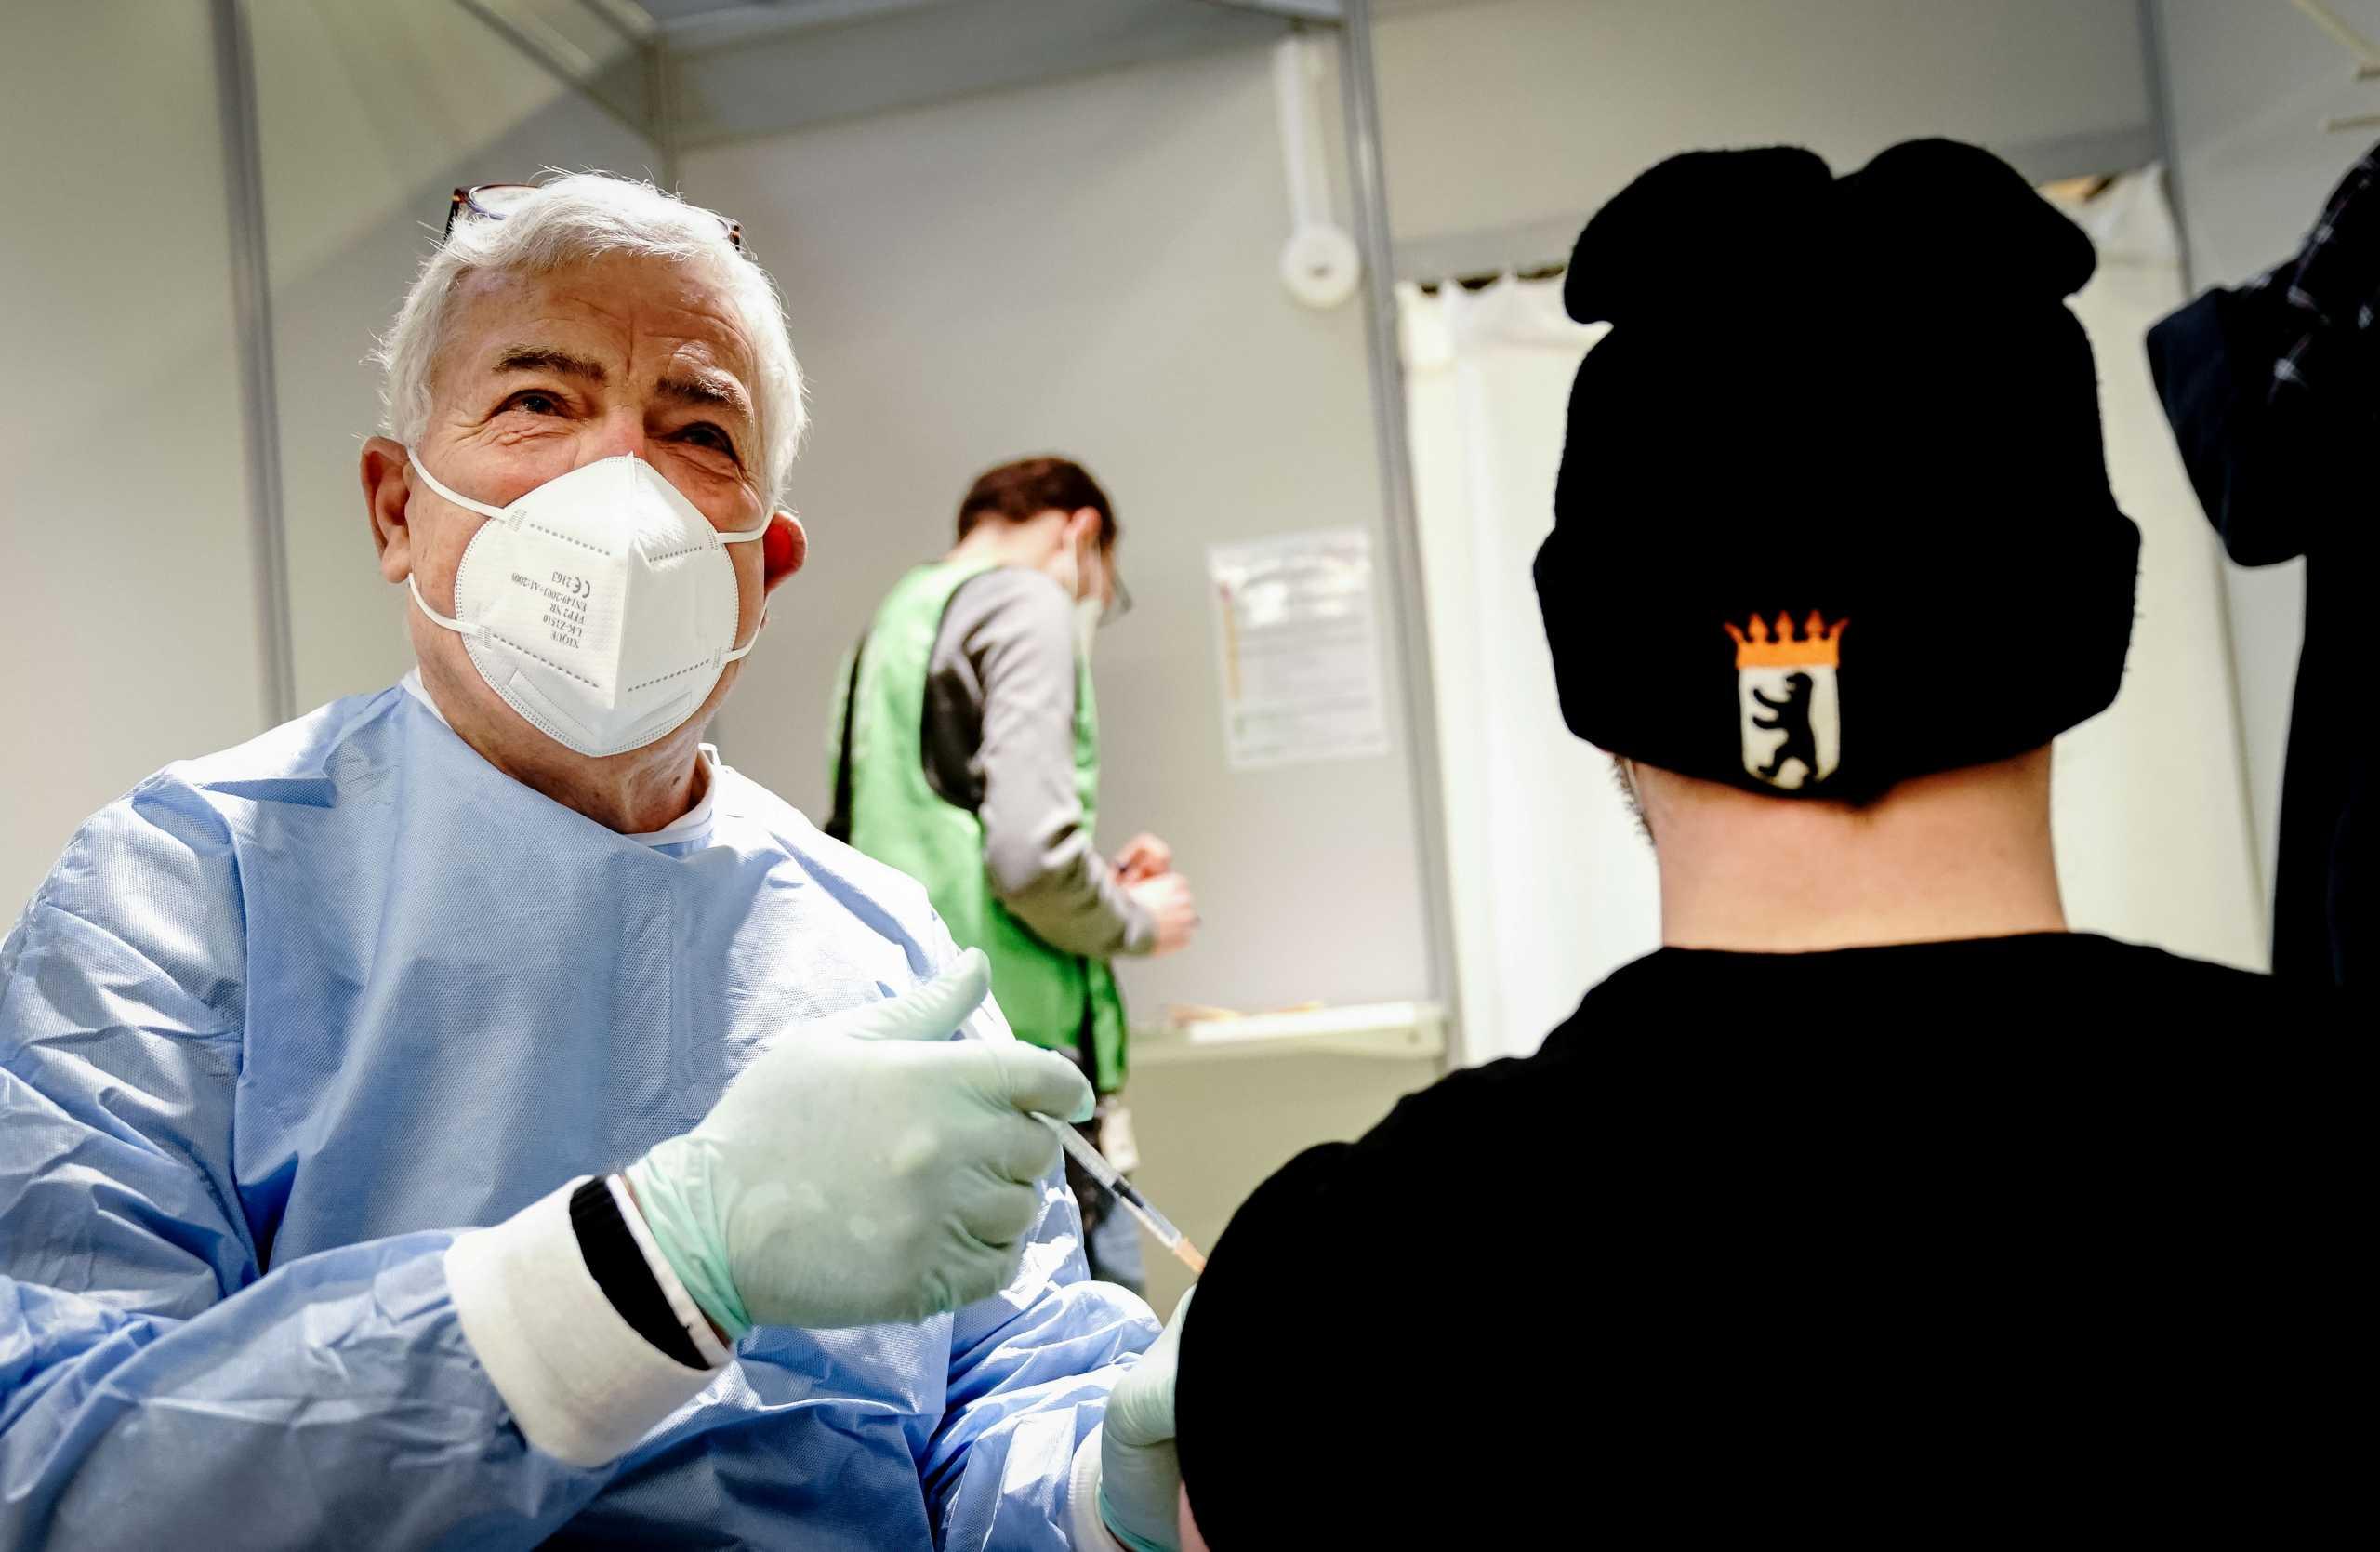 Κορονοϊός: Ασθενείς με μακρά Covid νιώθουν καλύτερα μετά τον εμβολιασμό τους